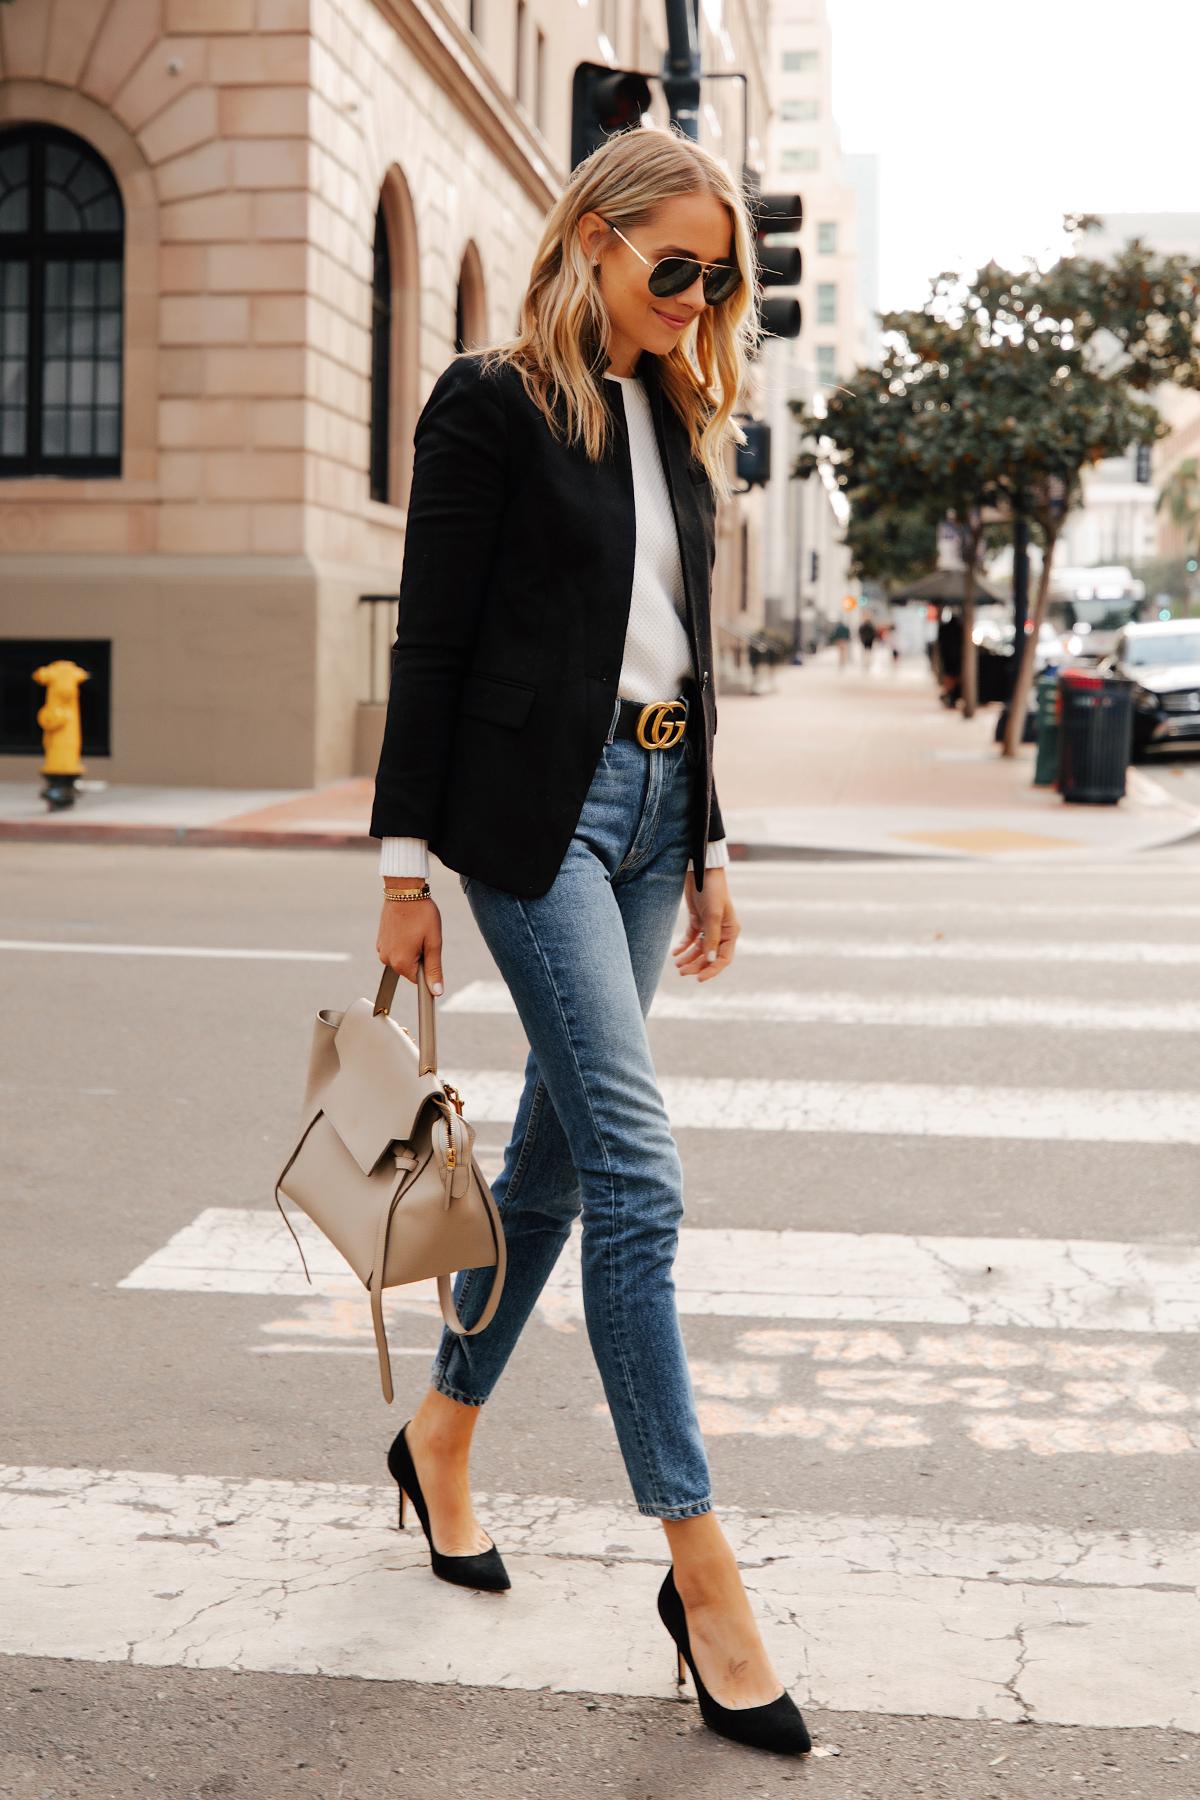 Fashion Jackson Wearing Jcrew Regent Black Blazer White Sweater Gucci Designer Belt Skinny Jeans Black Pumps Celine Belt Bag 1